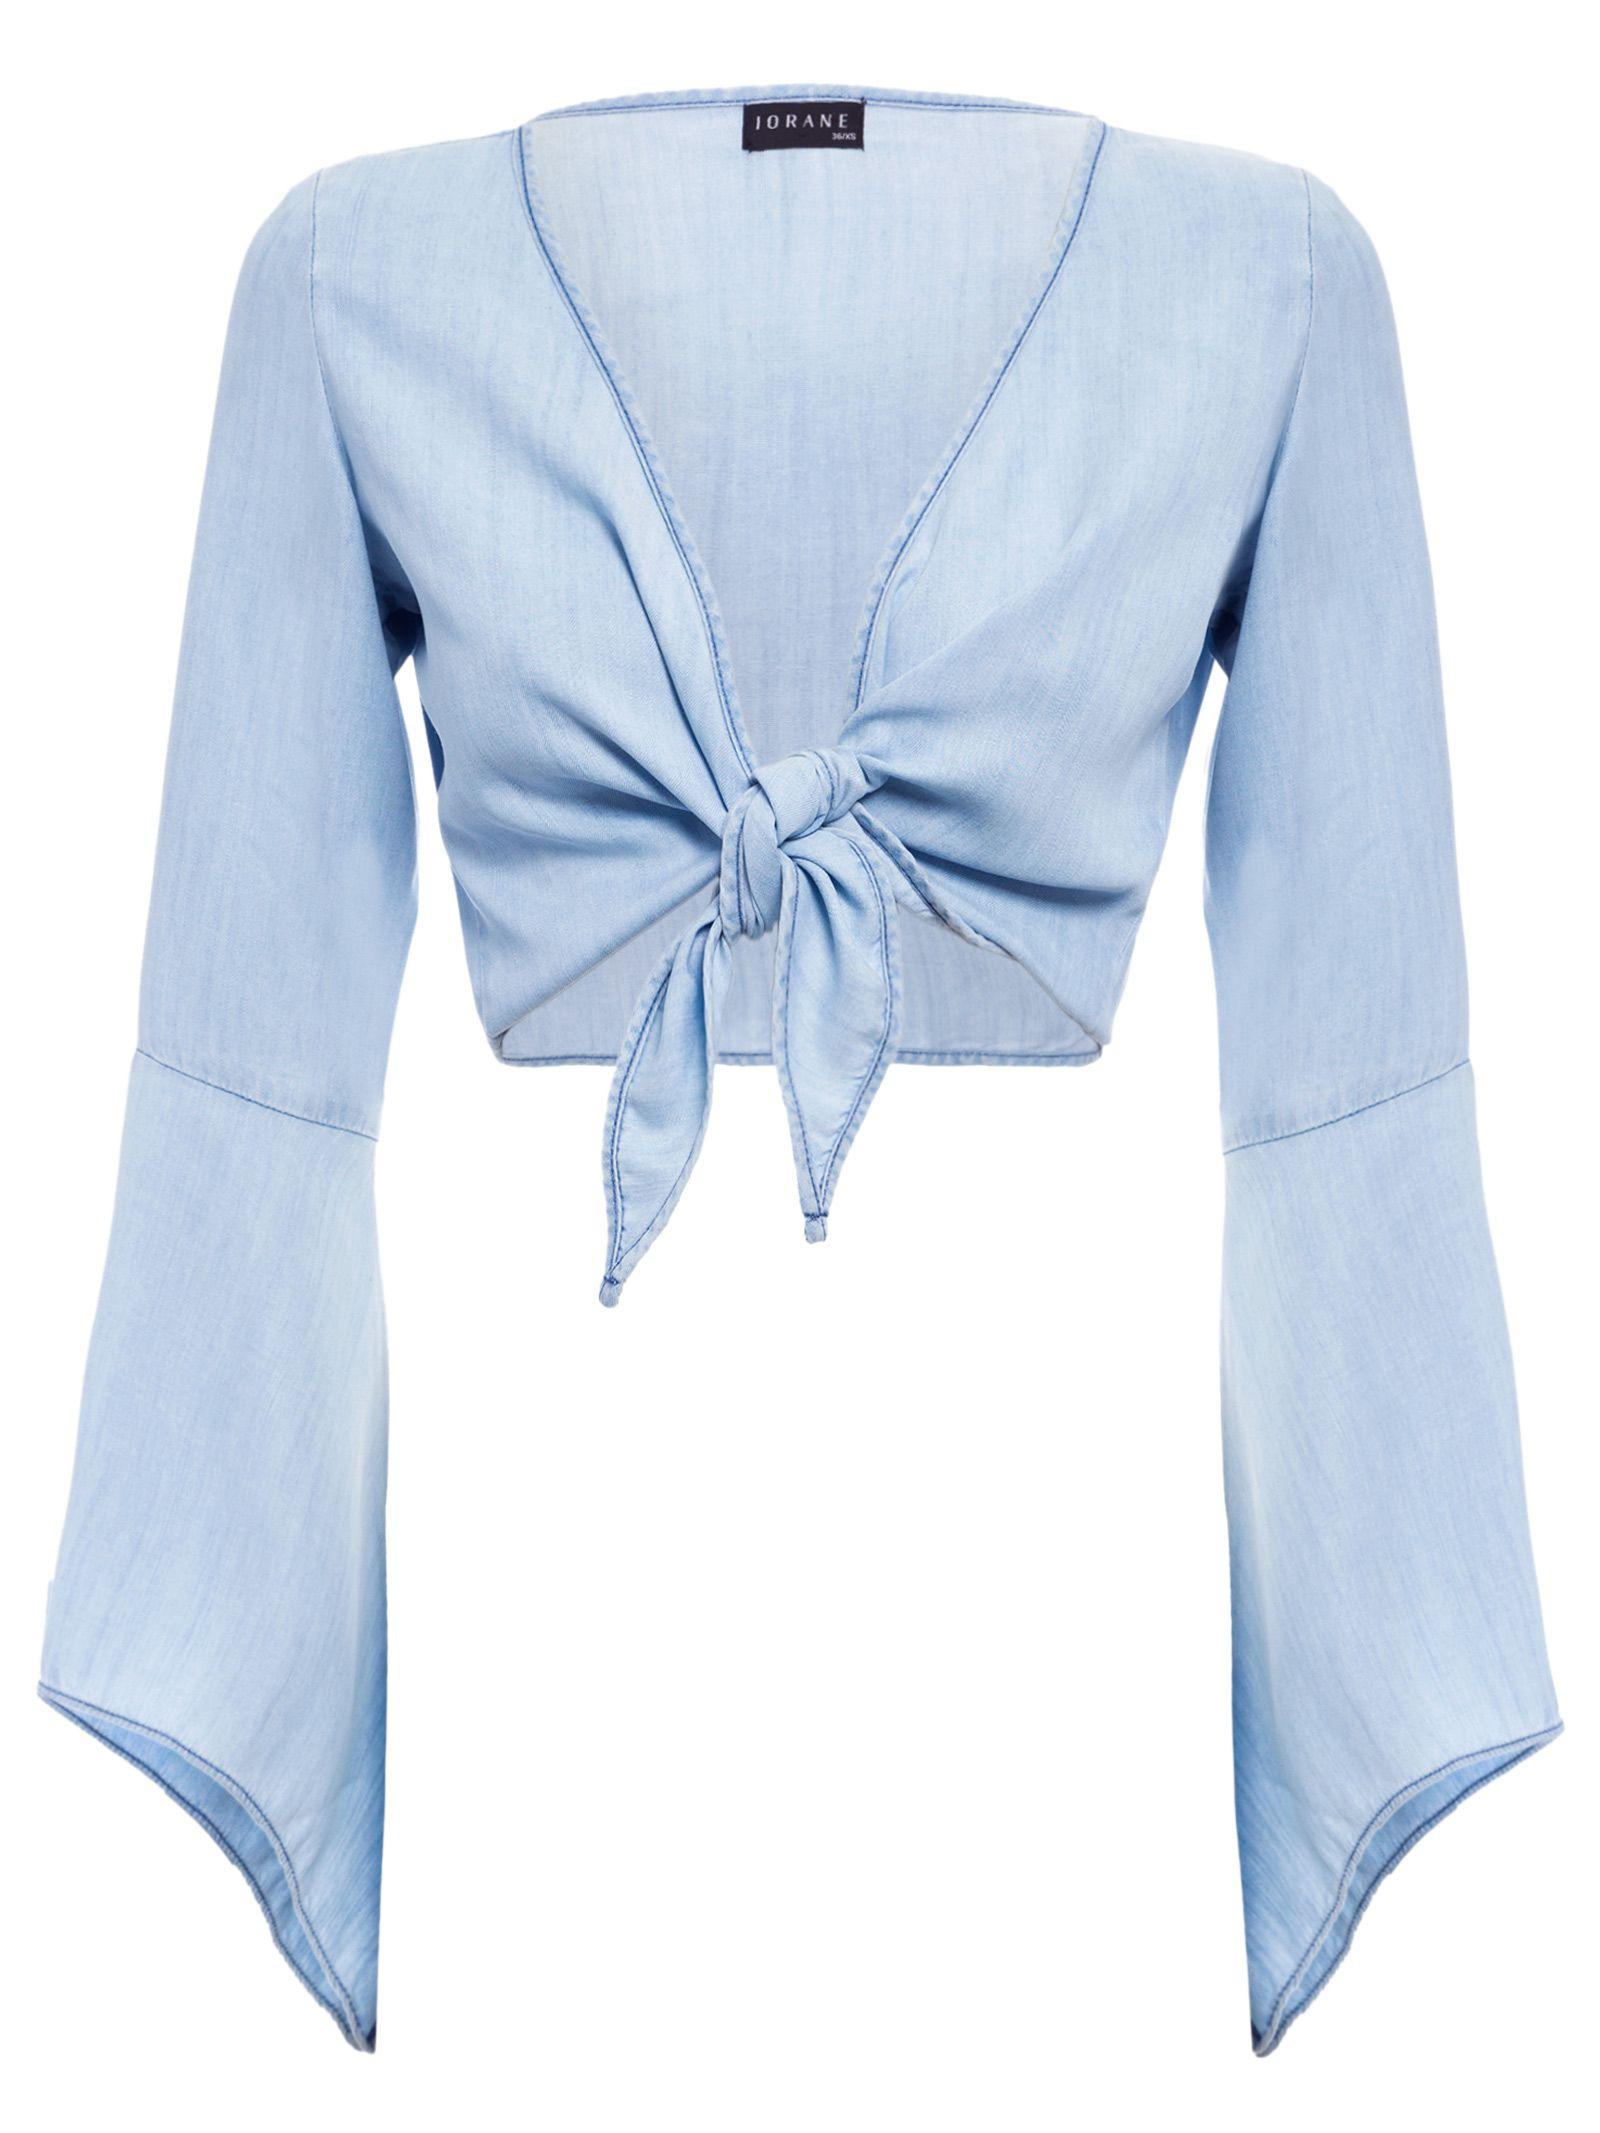 49e0a4edee A blusa azul Jeans De Amarrar é confeccionada em jeans e de modelagem  cropped. Esta peça possui decote V, mangas longas, fechamento por amarração  e detalhe ...